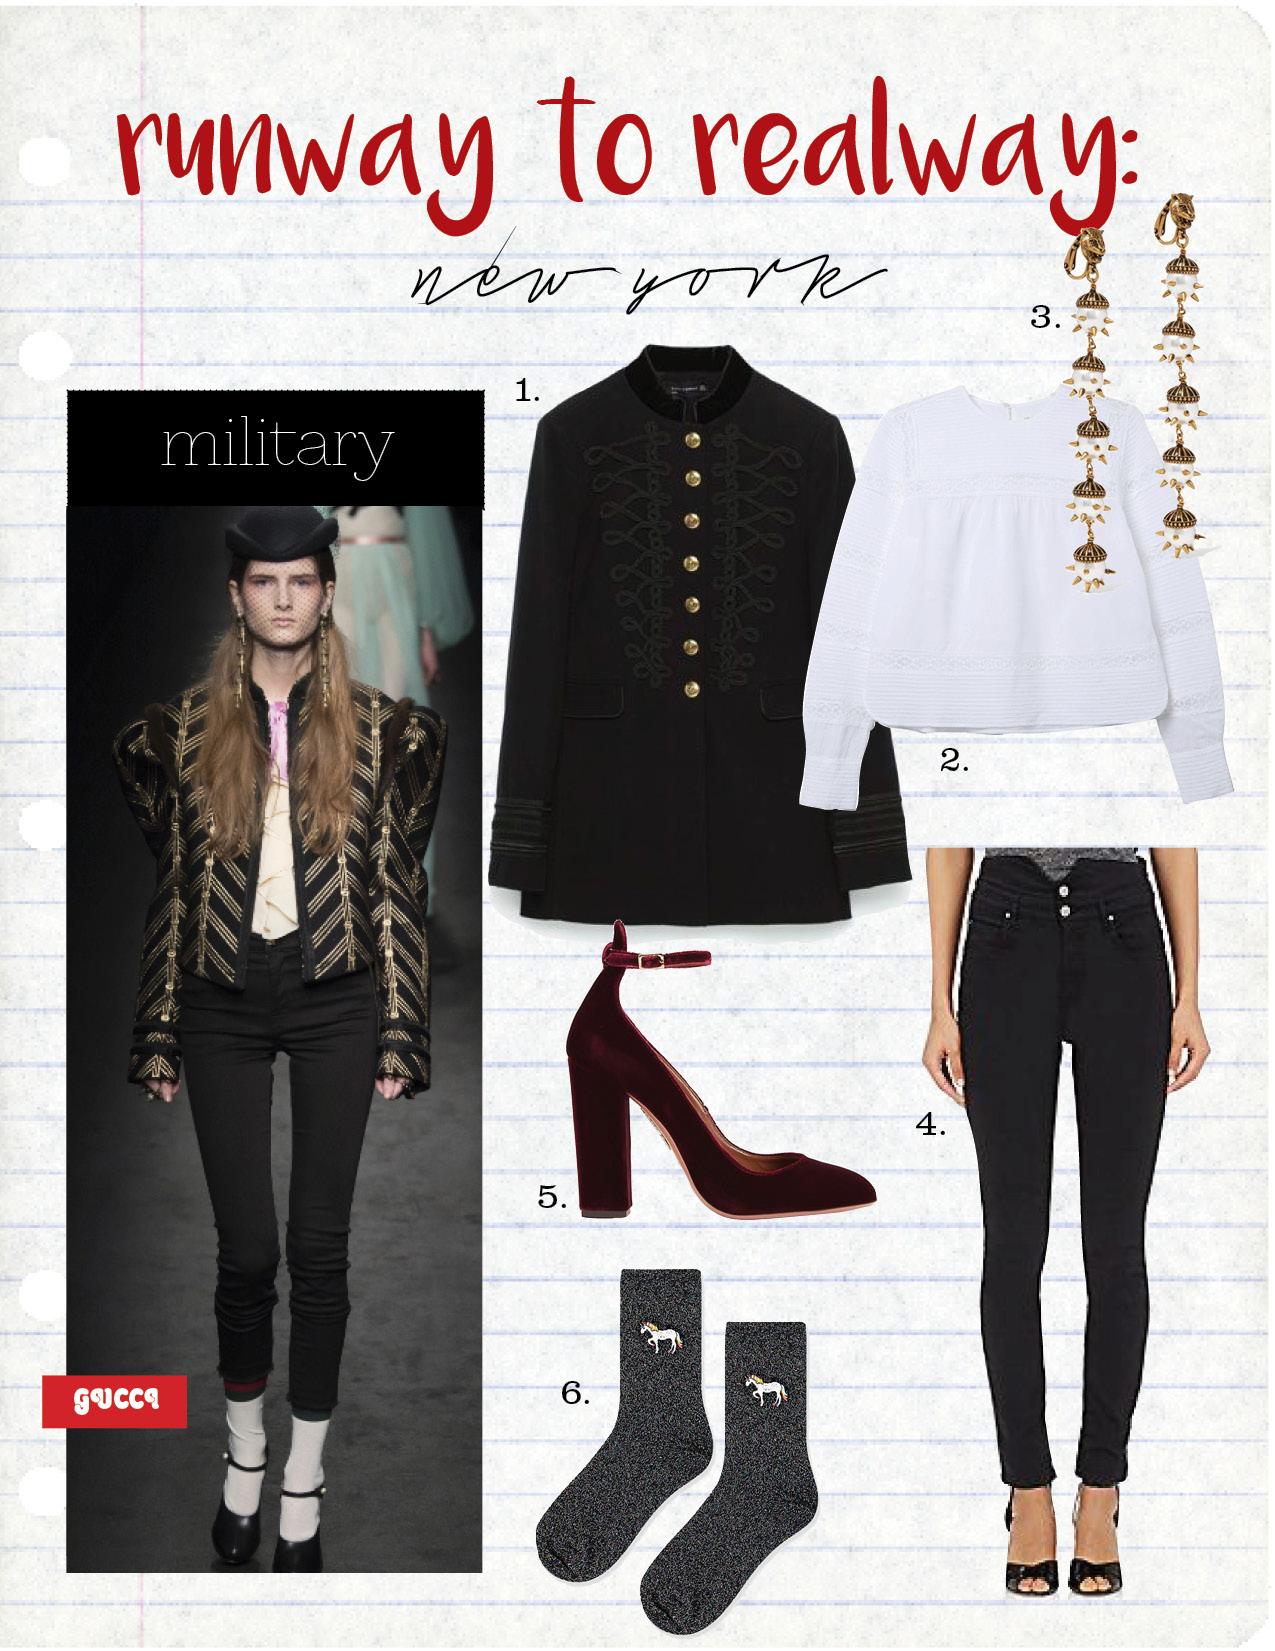 1. Zara Jacket, $169,  zara.com   2. Isabel Marant top, $355,  shopsuperstreet.com   3. Gucci earring, $820,  net-a-porter.com  4. Isabel Marant High-Waist Jean, $270,  Barneys.com  5. Aquazzura Velvet Pump, $725,  intermixonline.com  6. Top Shop Glitter Unicorn Socks, $6,  topshop.com